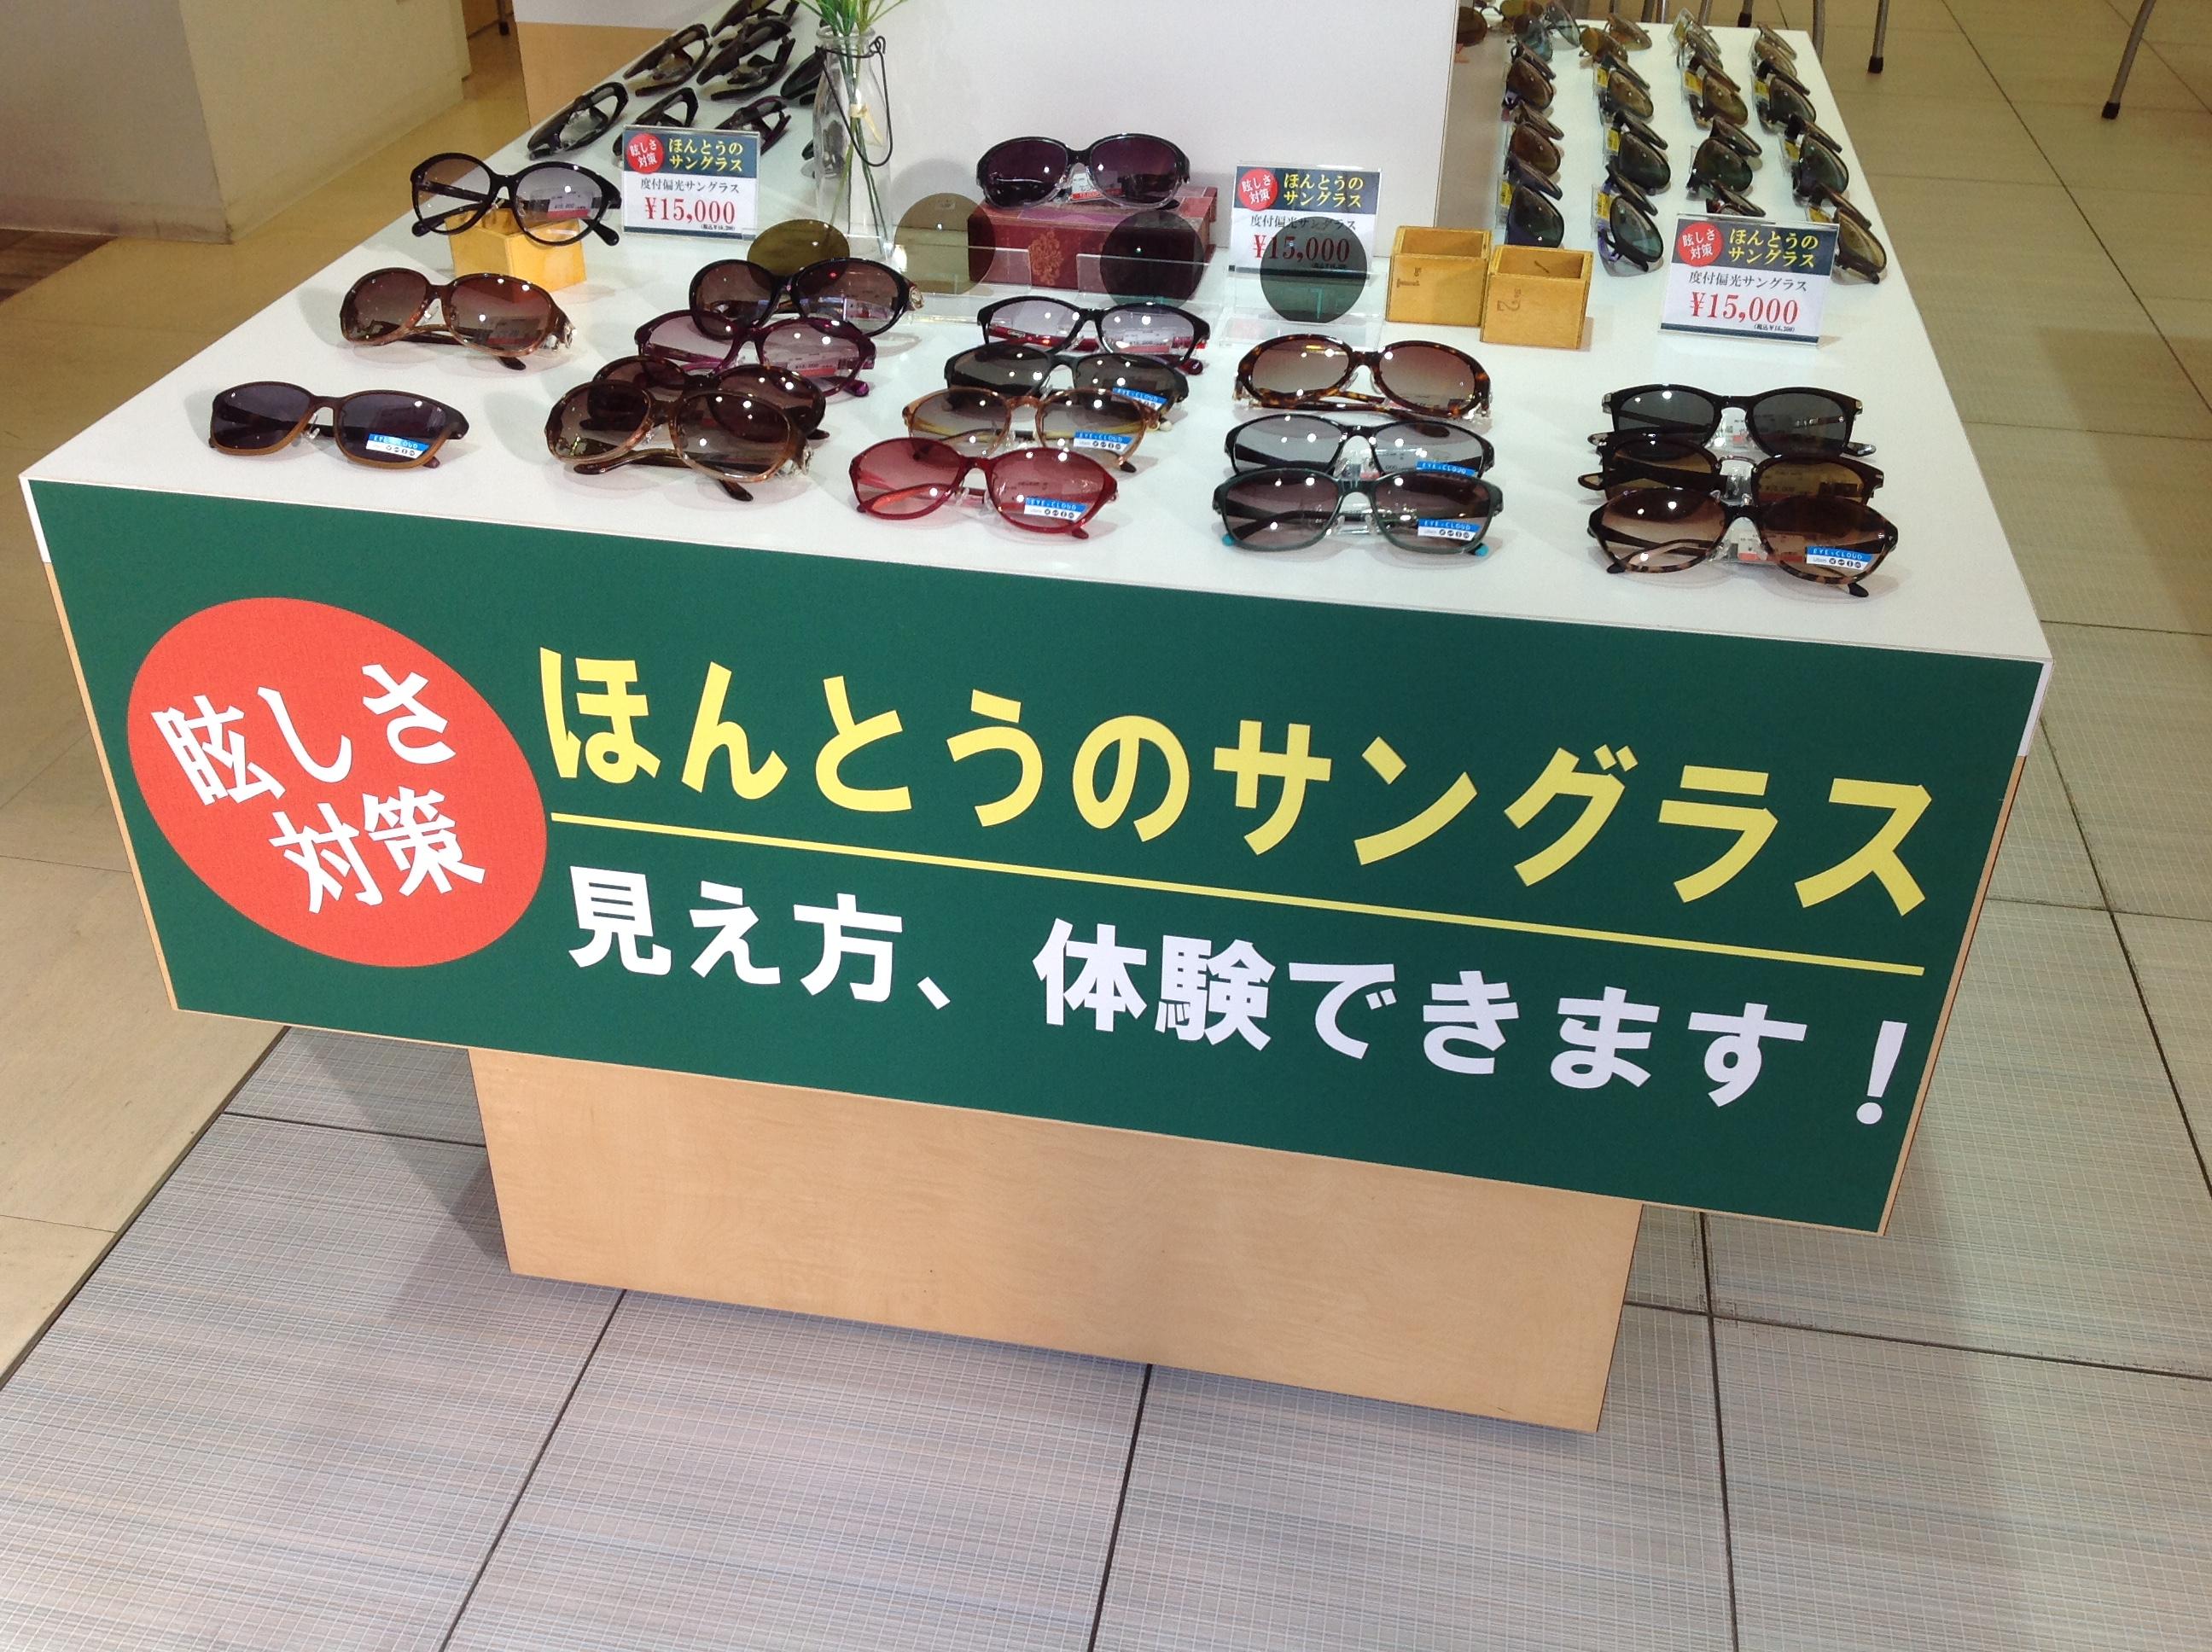 東京都 江戸川区 瑞江 サングラス